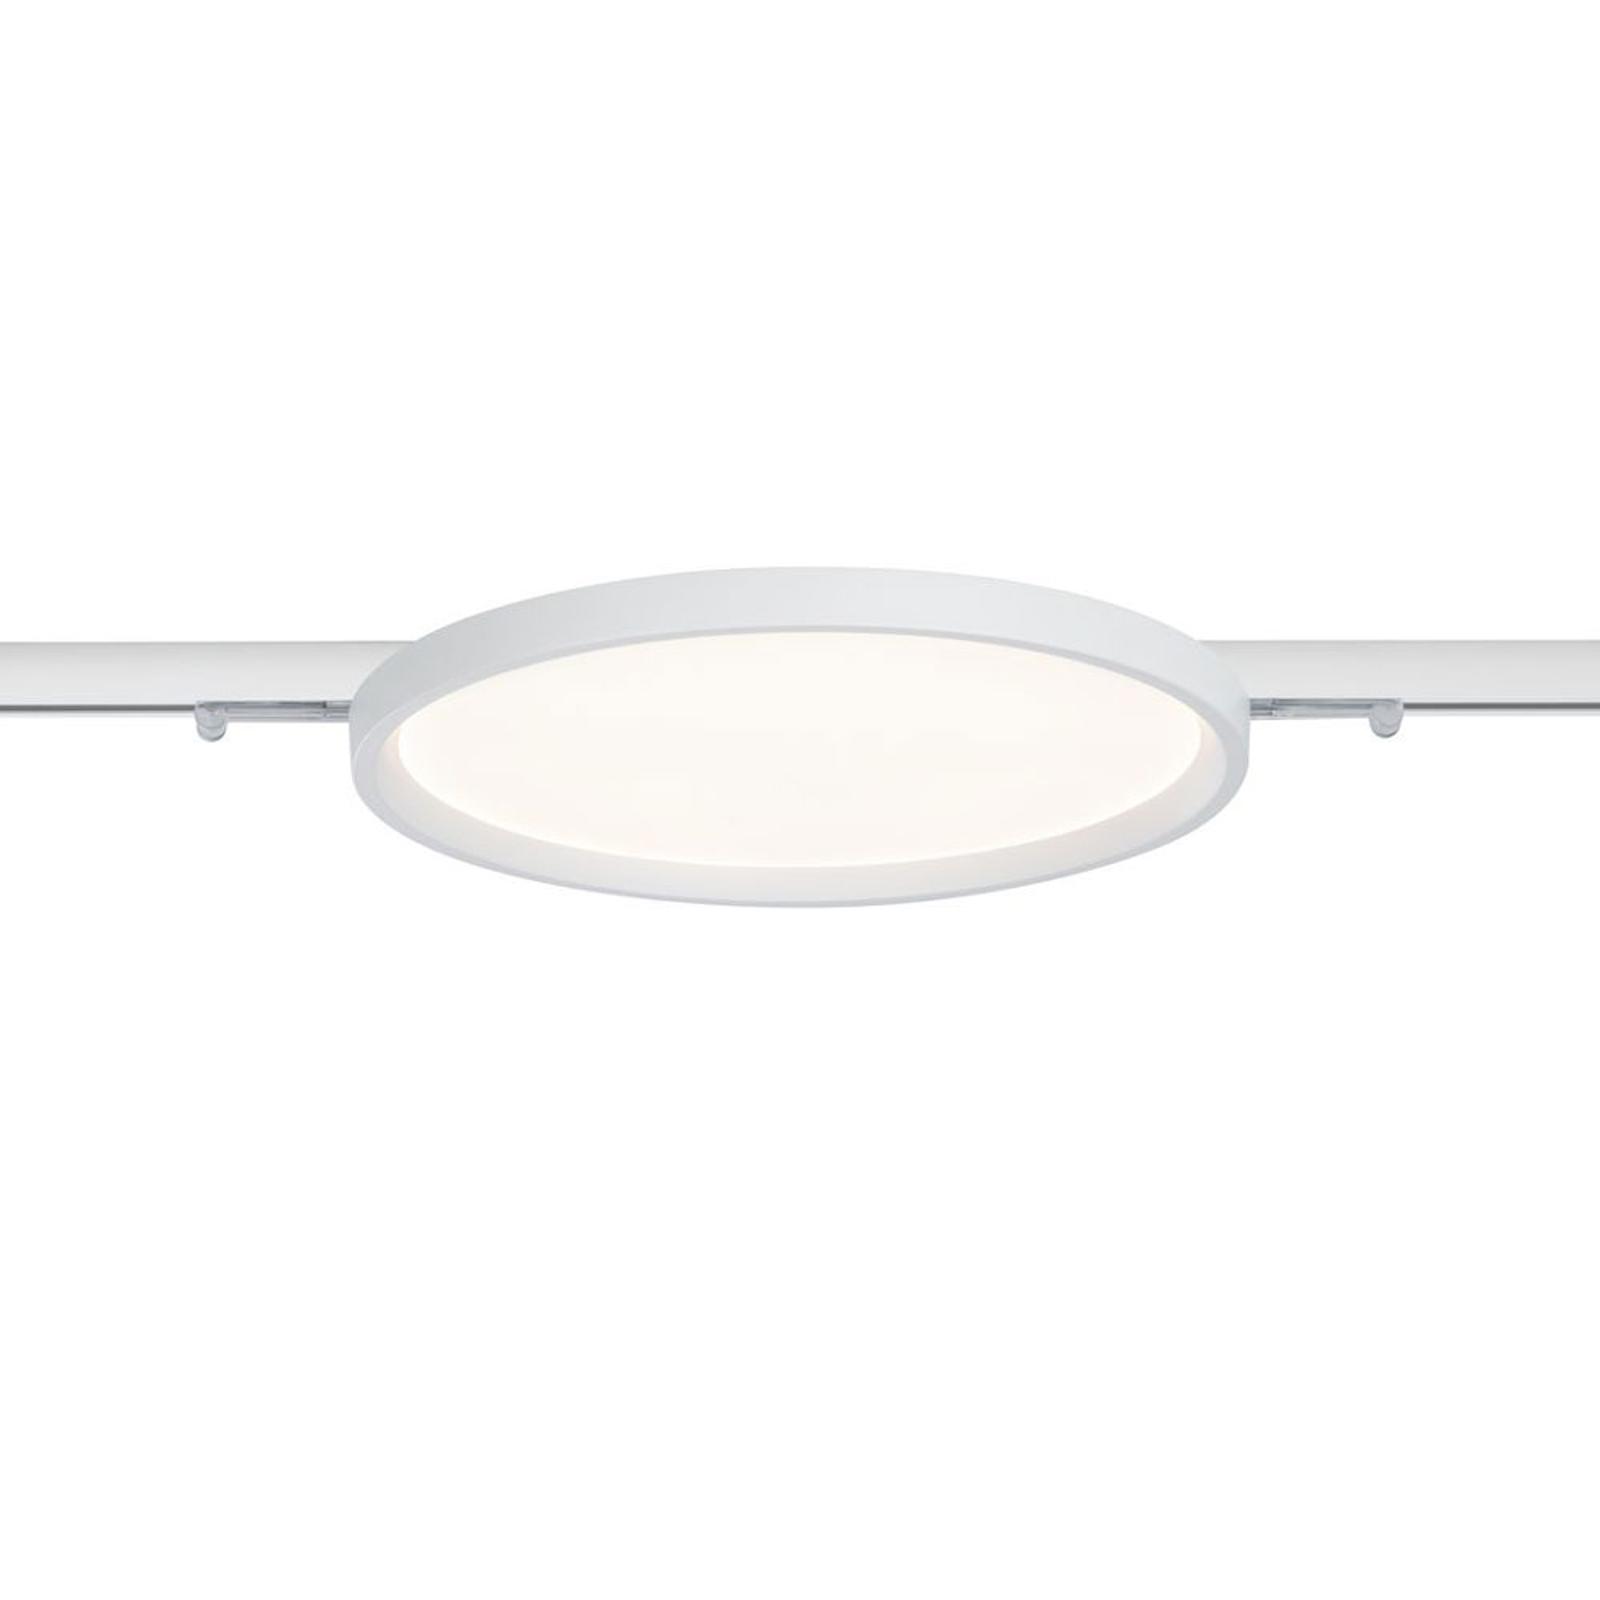 Paulmann NanoRail Plado LED-panel, hvit